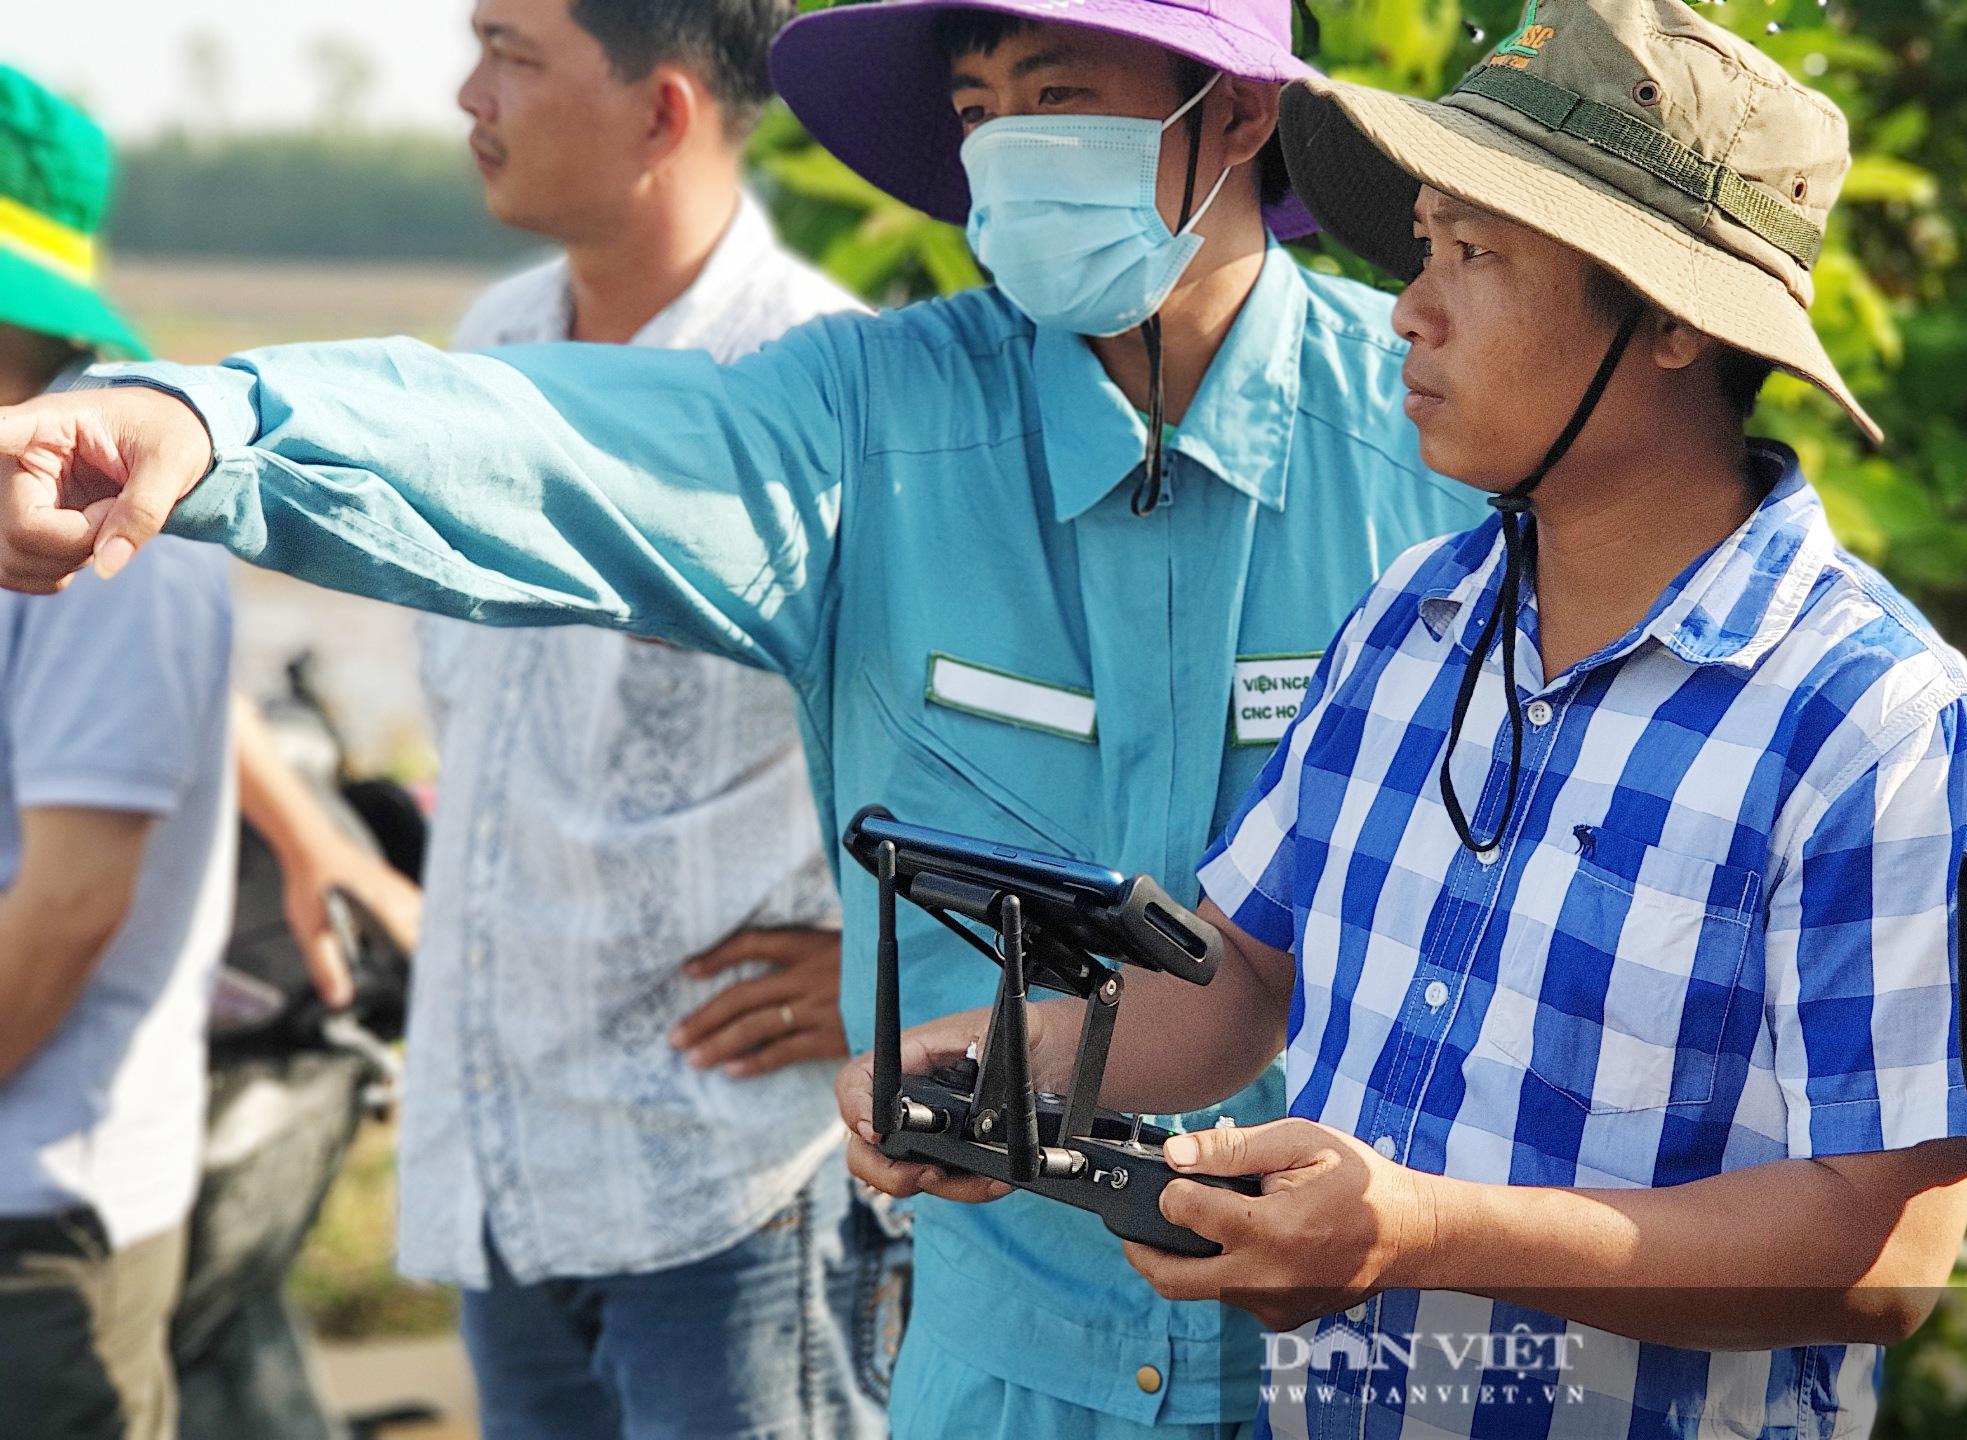 Hậu Giang: Trình diễn sử dụng máy bay không người lái HLD-18 phun thuốc bảo vệ thực vật trên lúa - Ảnh 4.